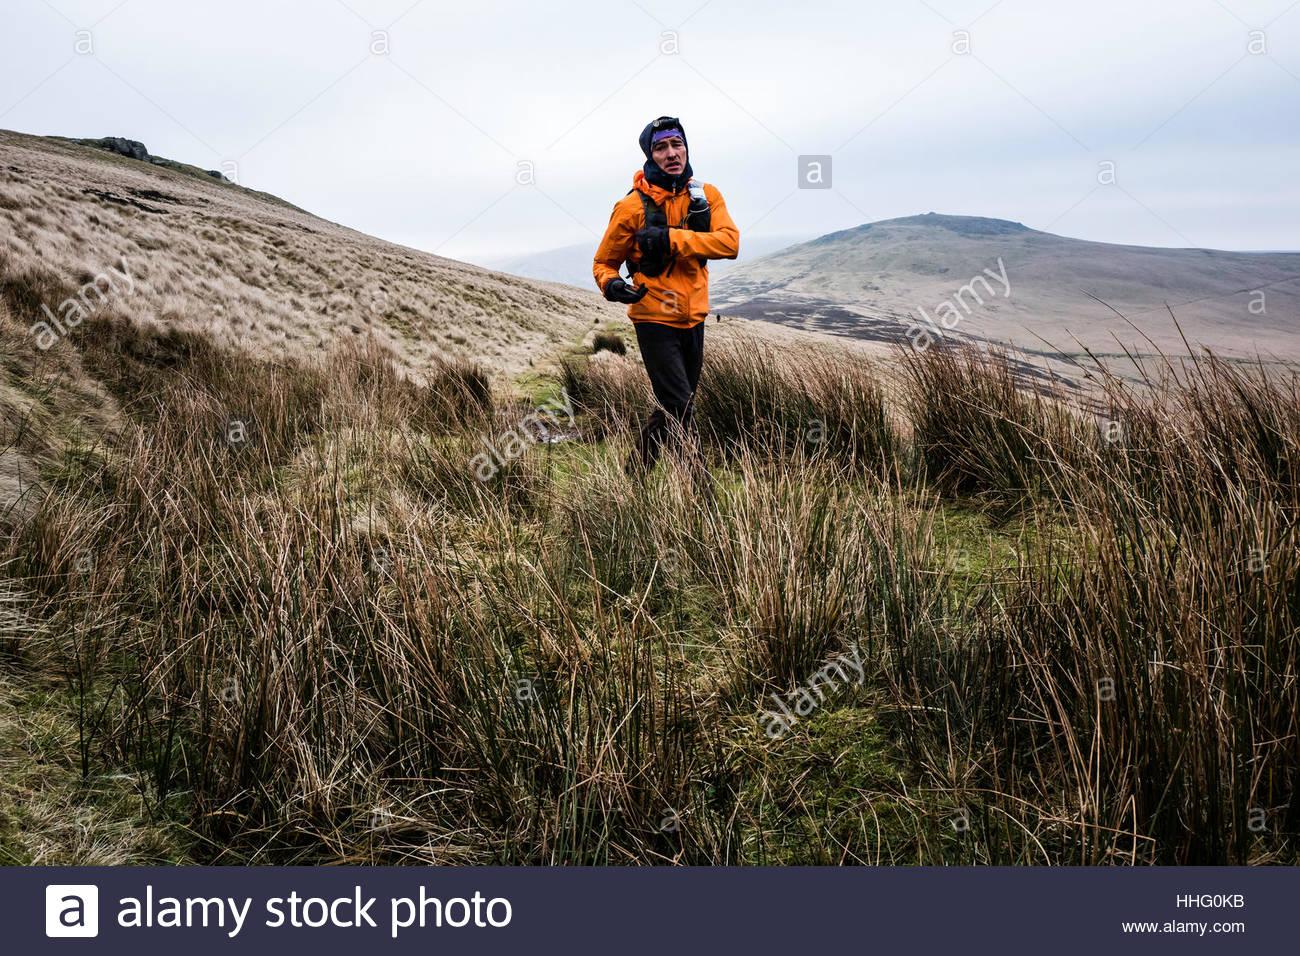 Black Hag, Yetholm, Kelso, Scottish Borders, UK. 19th January 2017. Third place Eugeni Rosello Sole (ESP) crosses - Stock Image